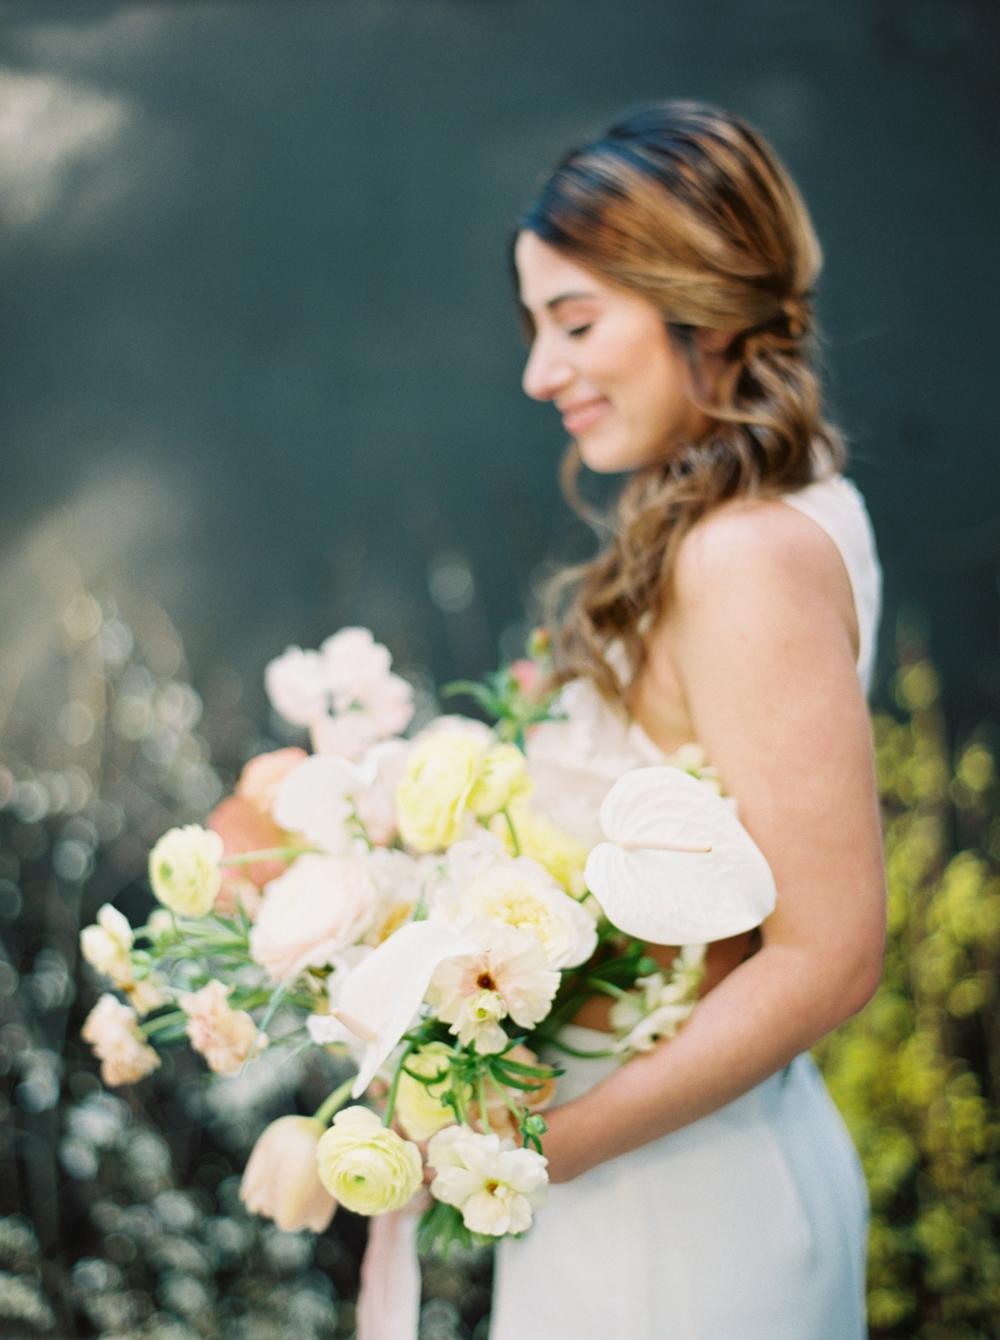 bride-holding-large-bouquet